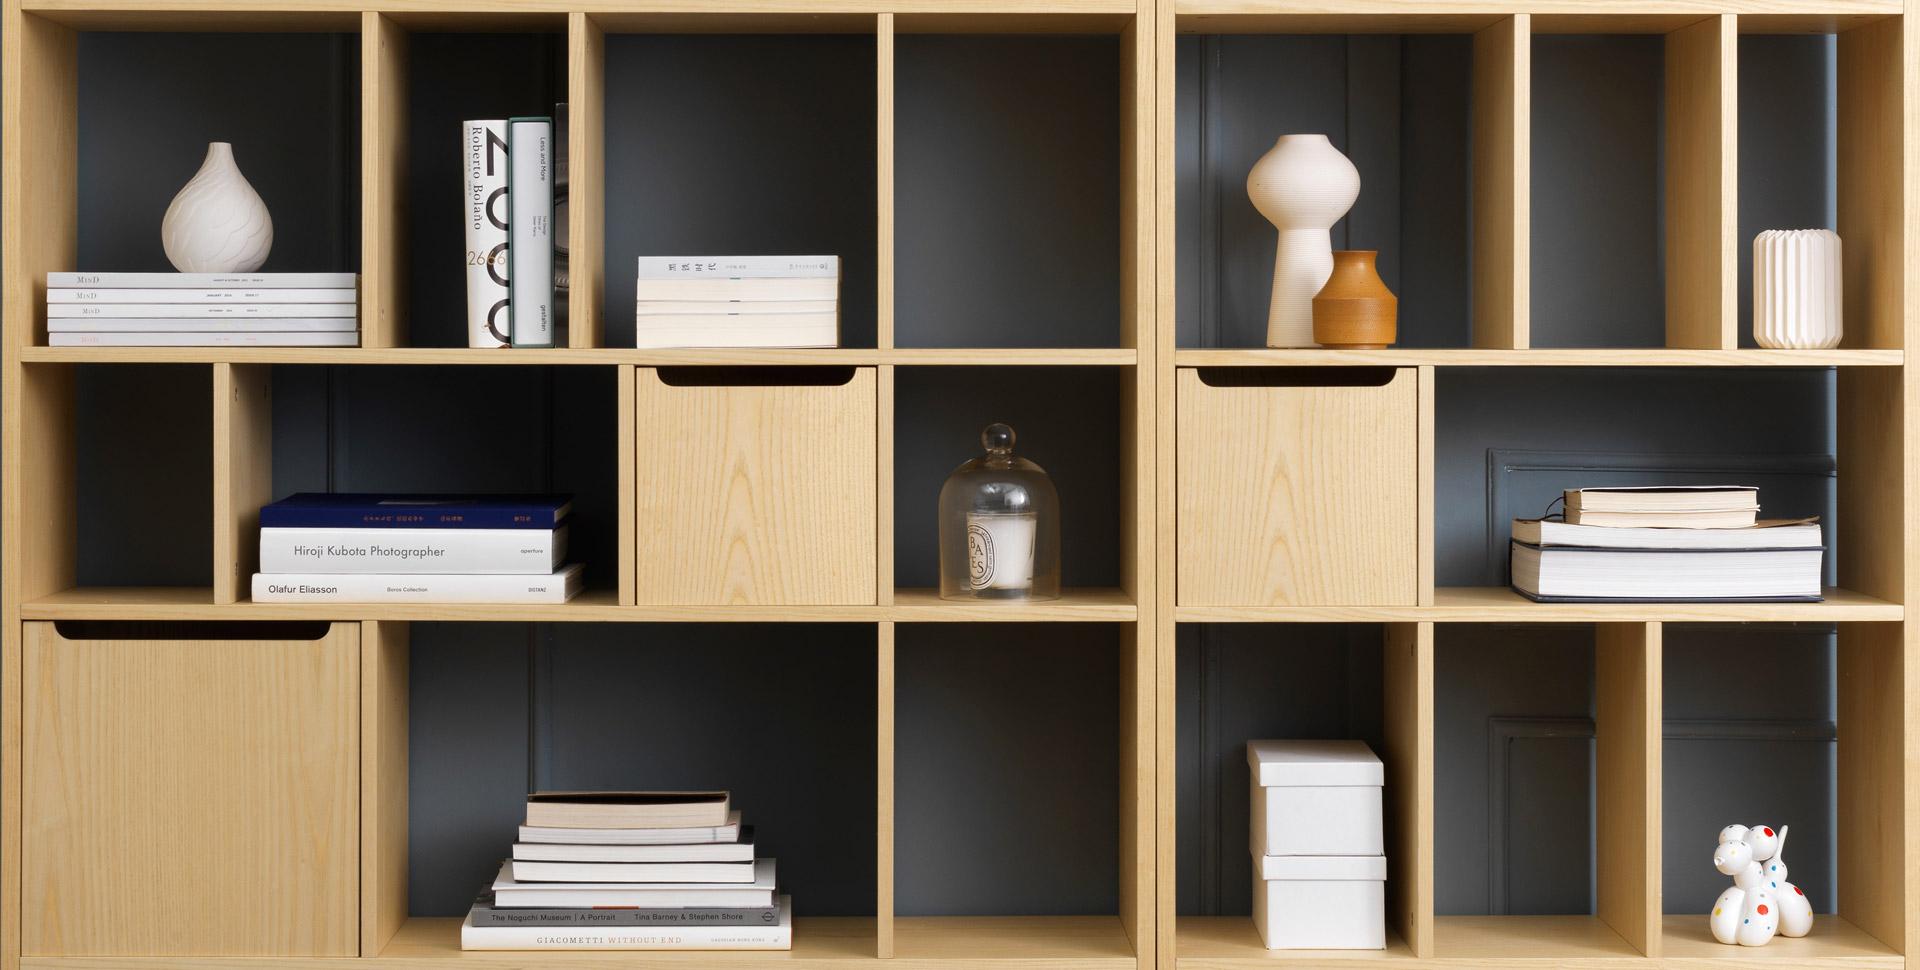 """""""画板套系""""的匿名性设计理念,赋予简约的几何构线,用形态最少的陈列方格,构建出一个大气、耐看的木作书架。0.8米与1.2米两种宽度,灵巧身形适应各种空间。"""